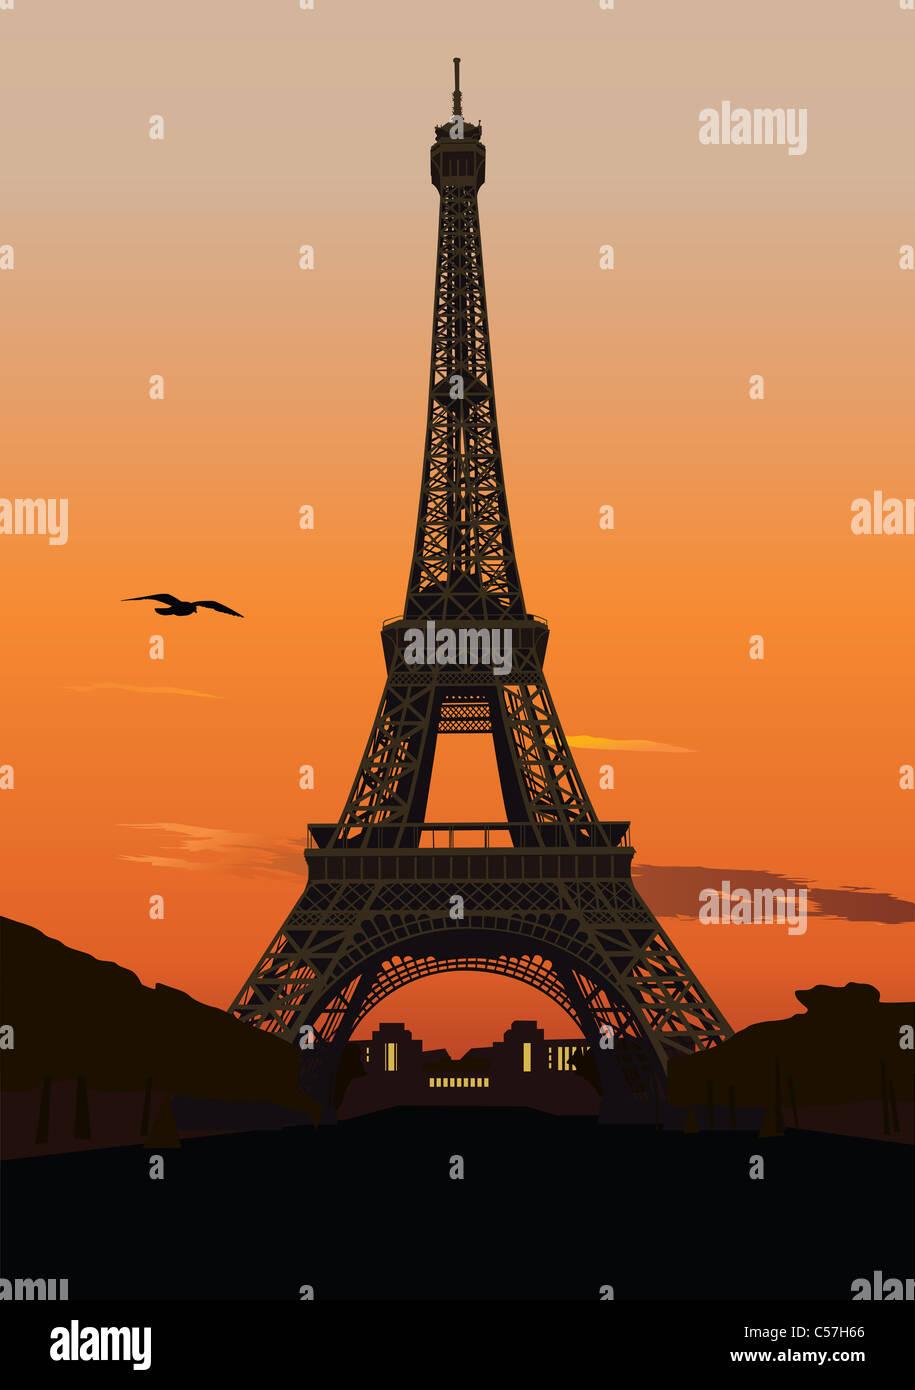 Illustrazione Vettoriale della Torre Eiffel al tramonto. Parigi, Francia Immagini Stock